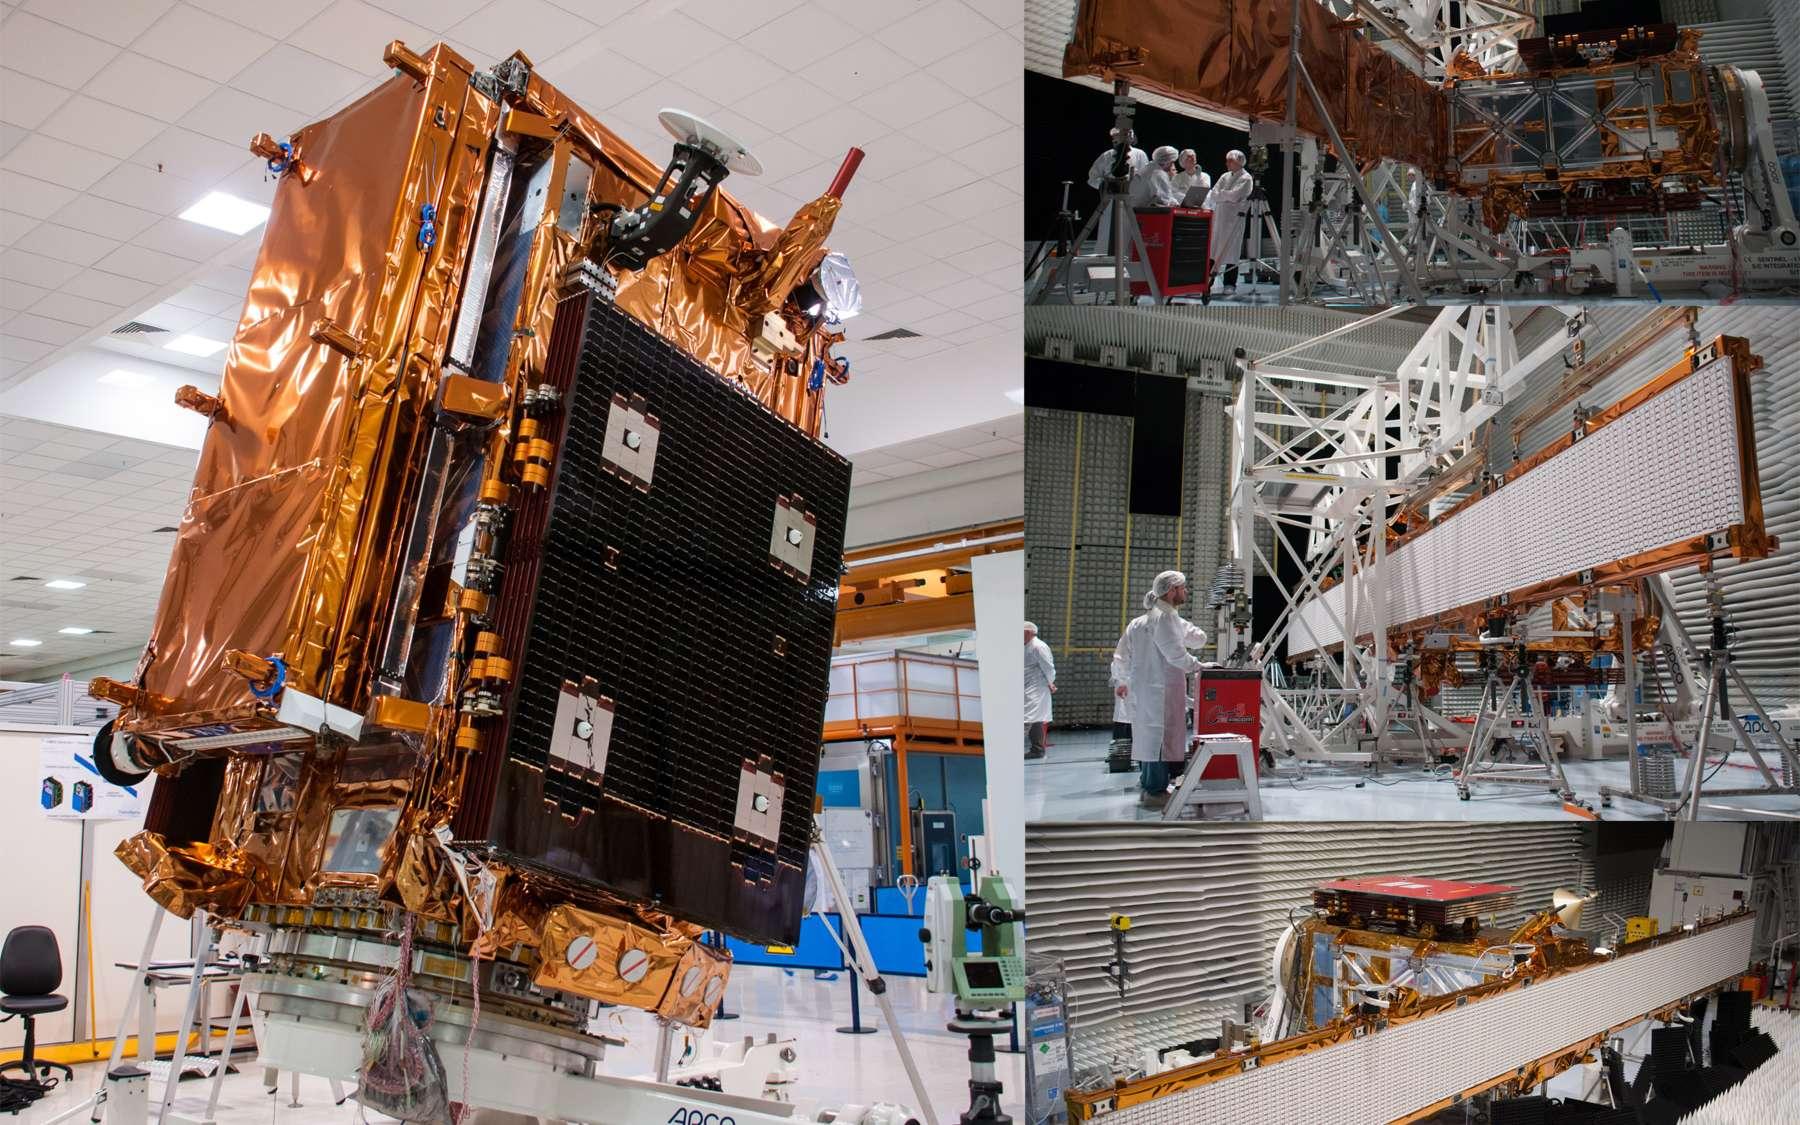 Sentinel 1A est un satellite d'imagerie radar tout temps et jour-nuit, capable d'observer à travers les nuages et la pluie à l'aide de son radar à synthèse d'ouverture en bande C. À l'image, le satellite et son radar déployé lors de ses essais de compatibilité électromagnétique dans l'usine cannoise de Thales Alenia Space (trois images de droite). © Rémy Decourt.